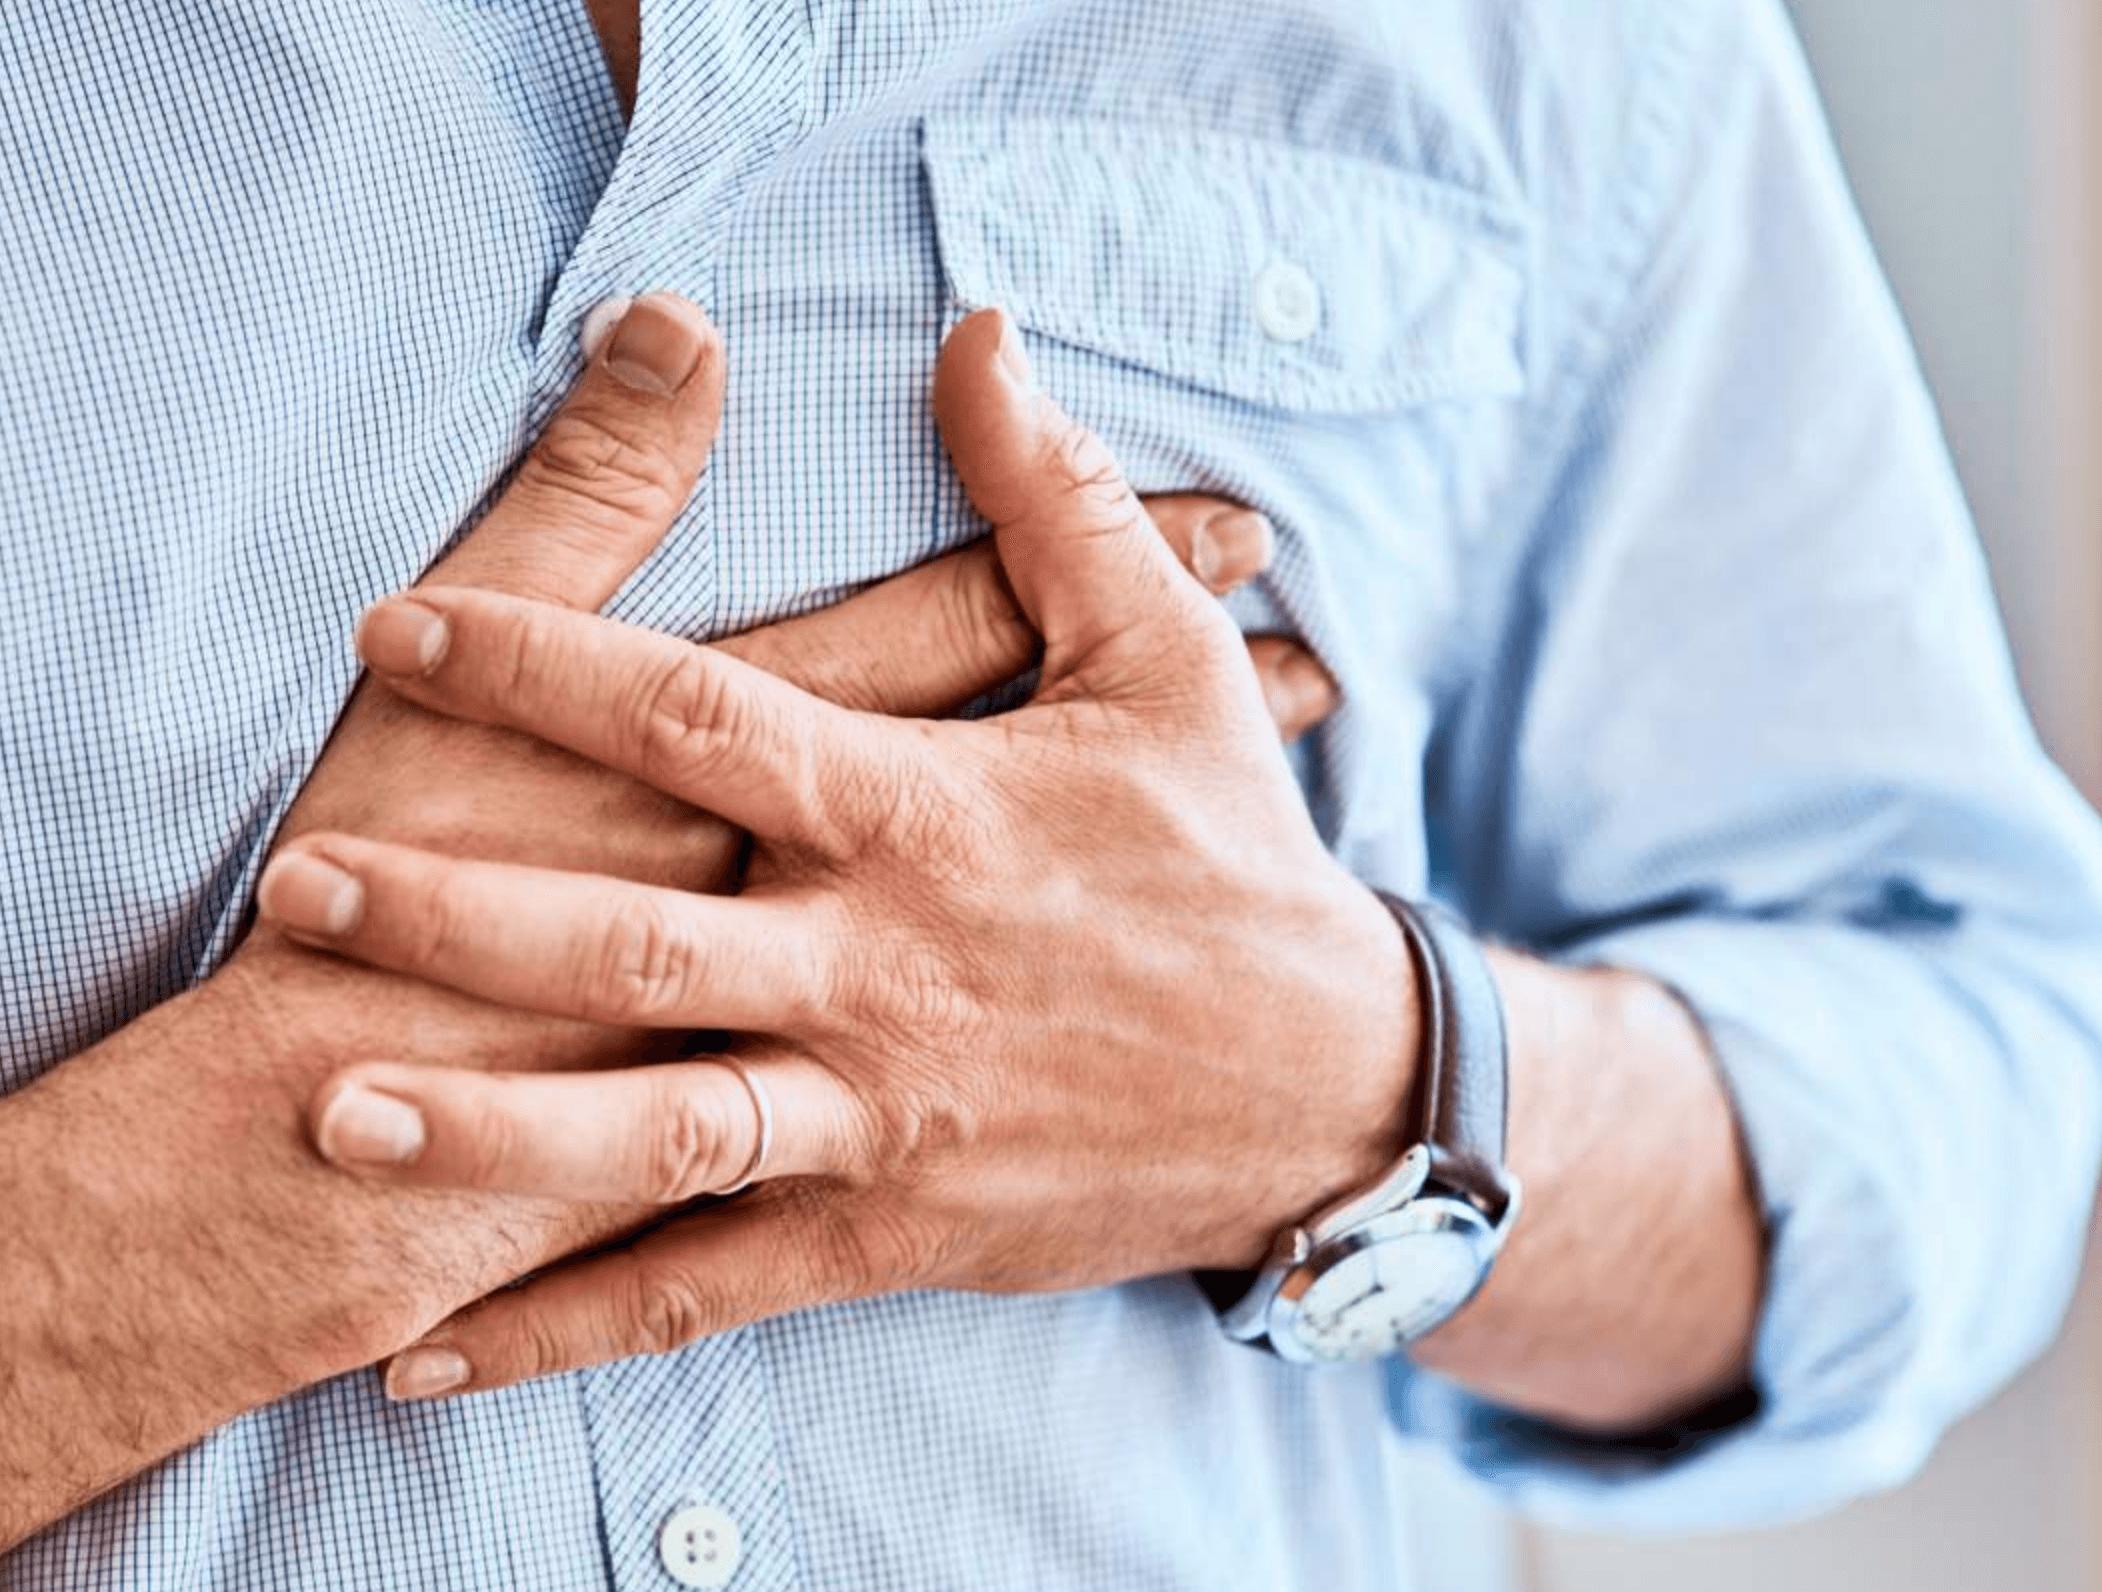 가슴중앙-통증-원인